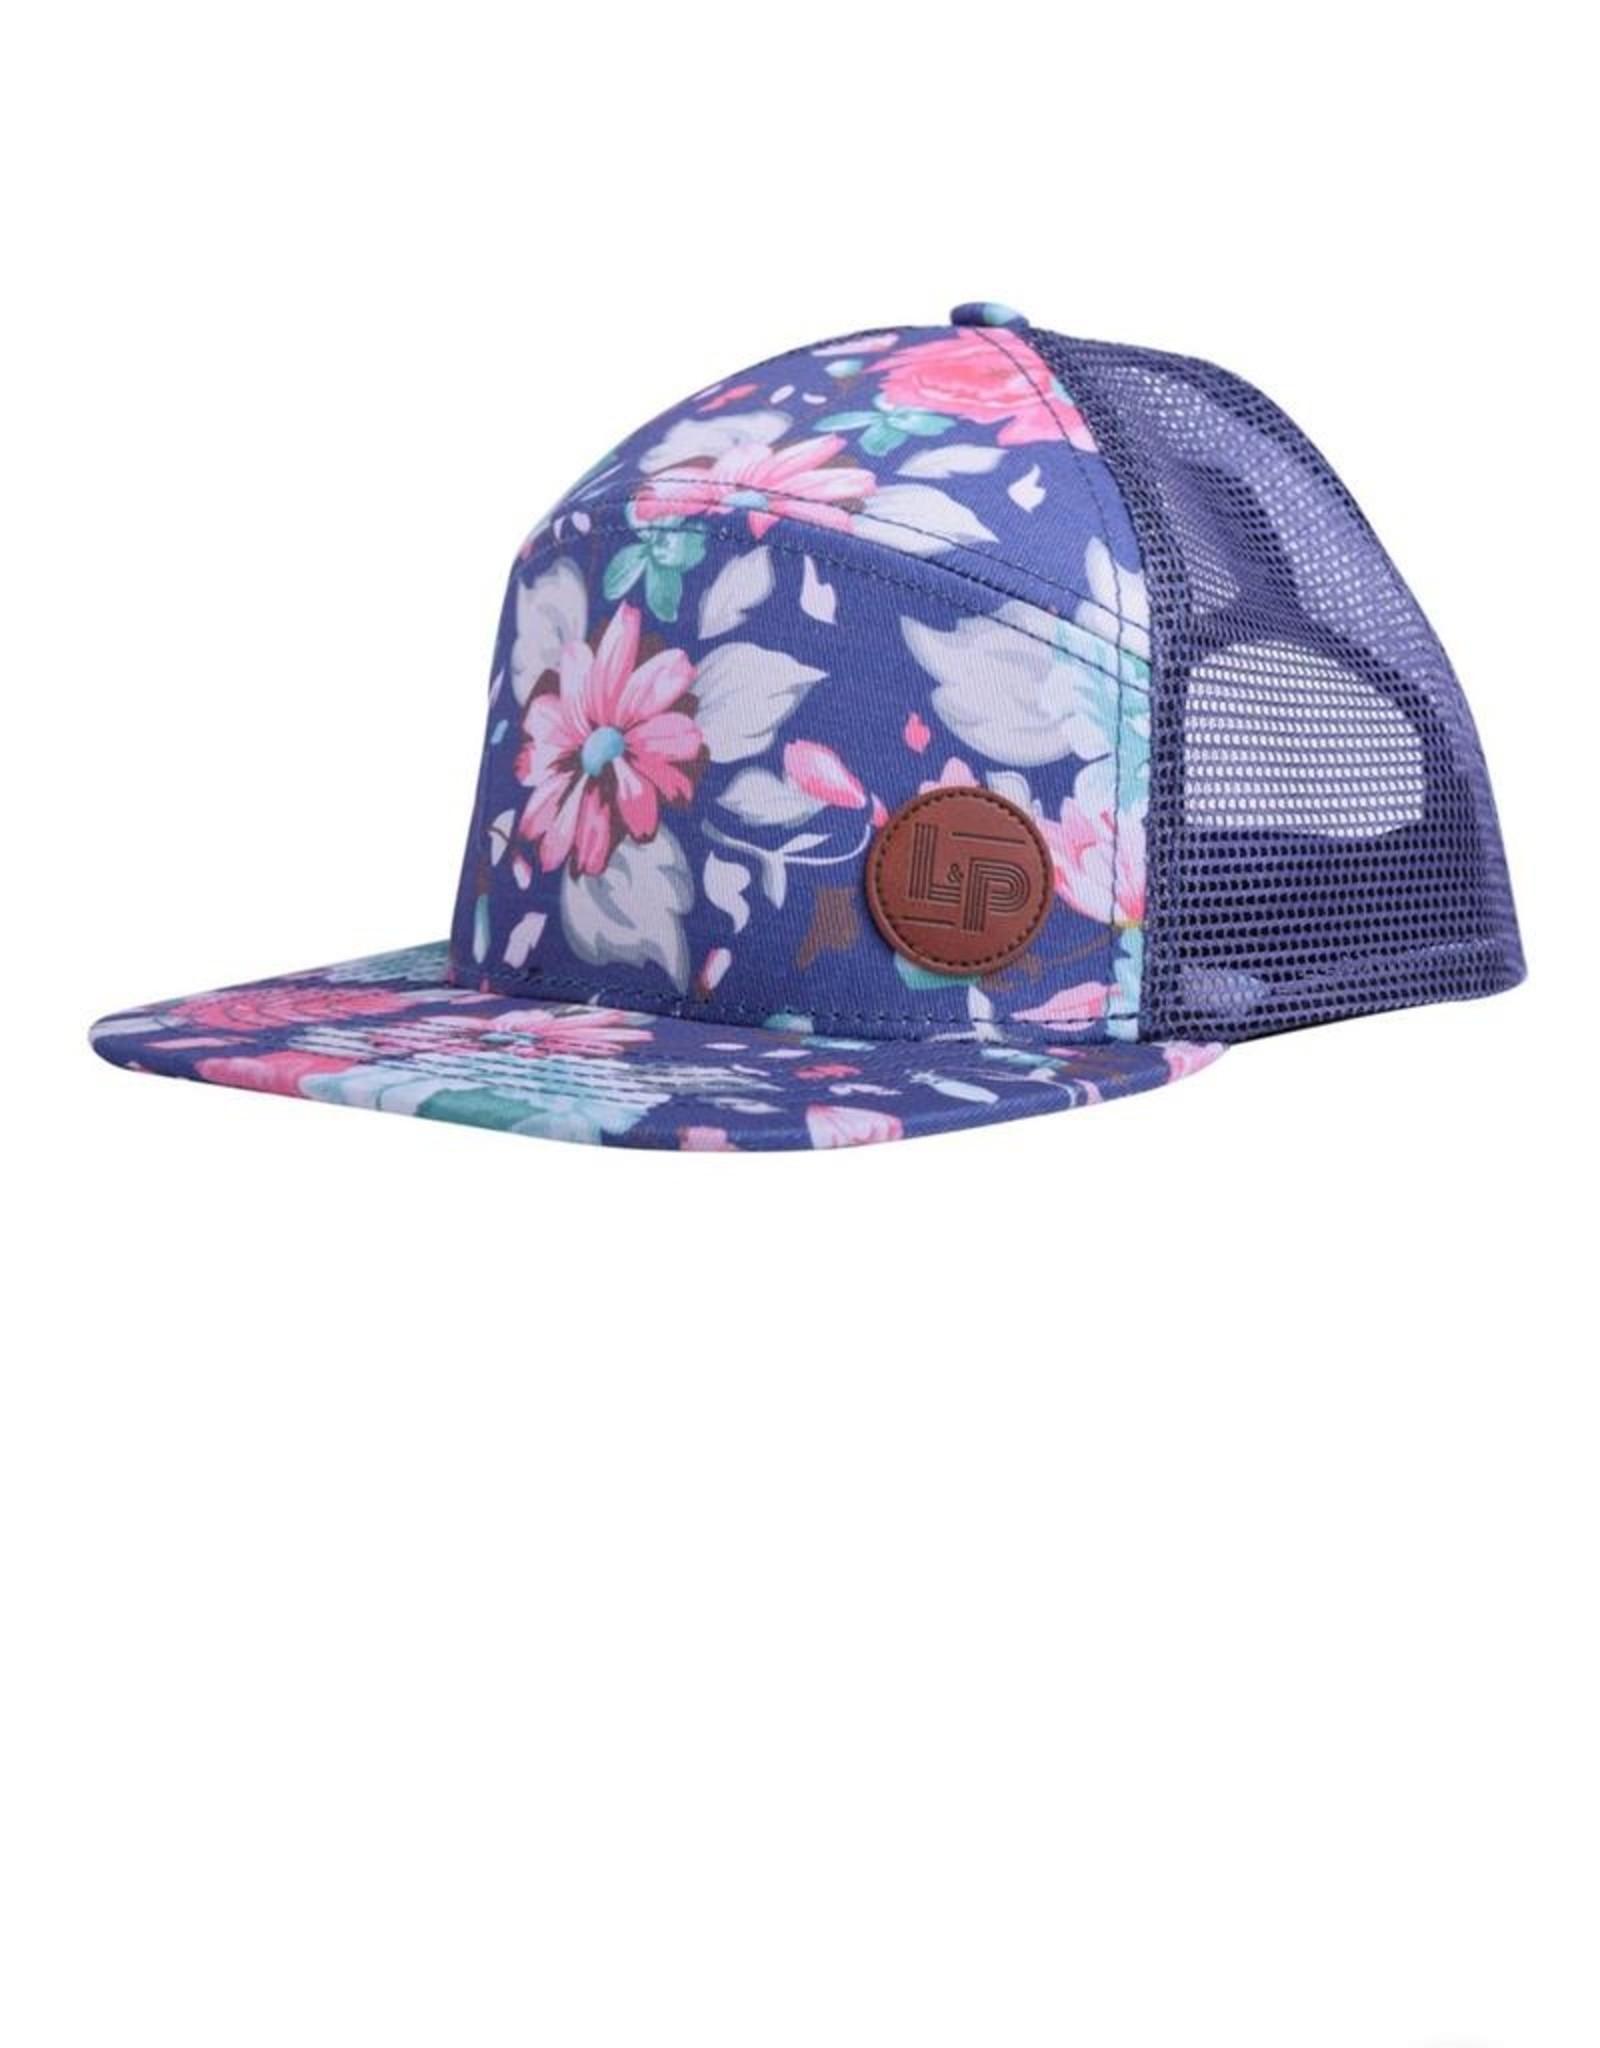 L&P Apparel Hesperia Mesh Snapback Cap